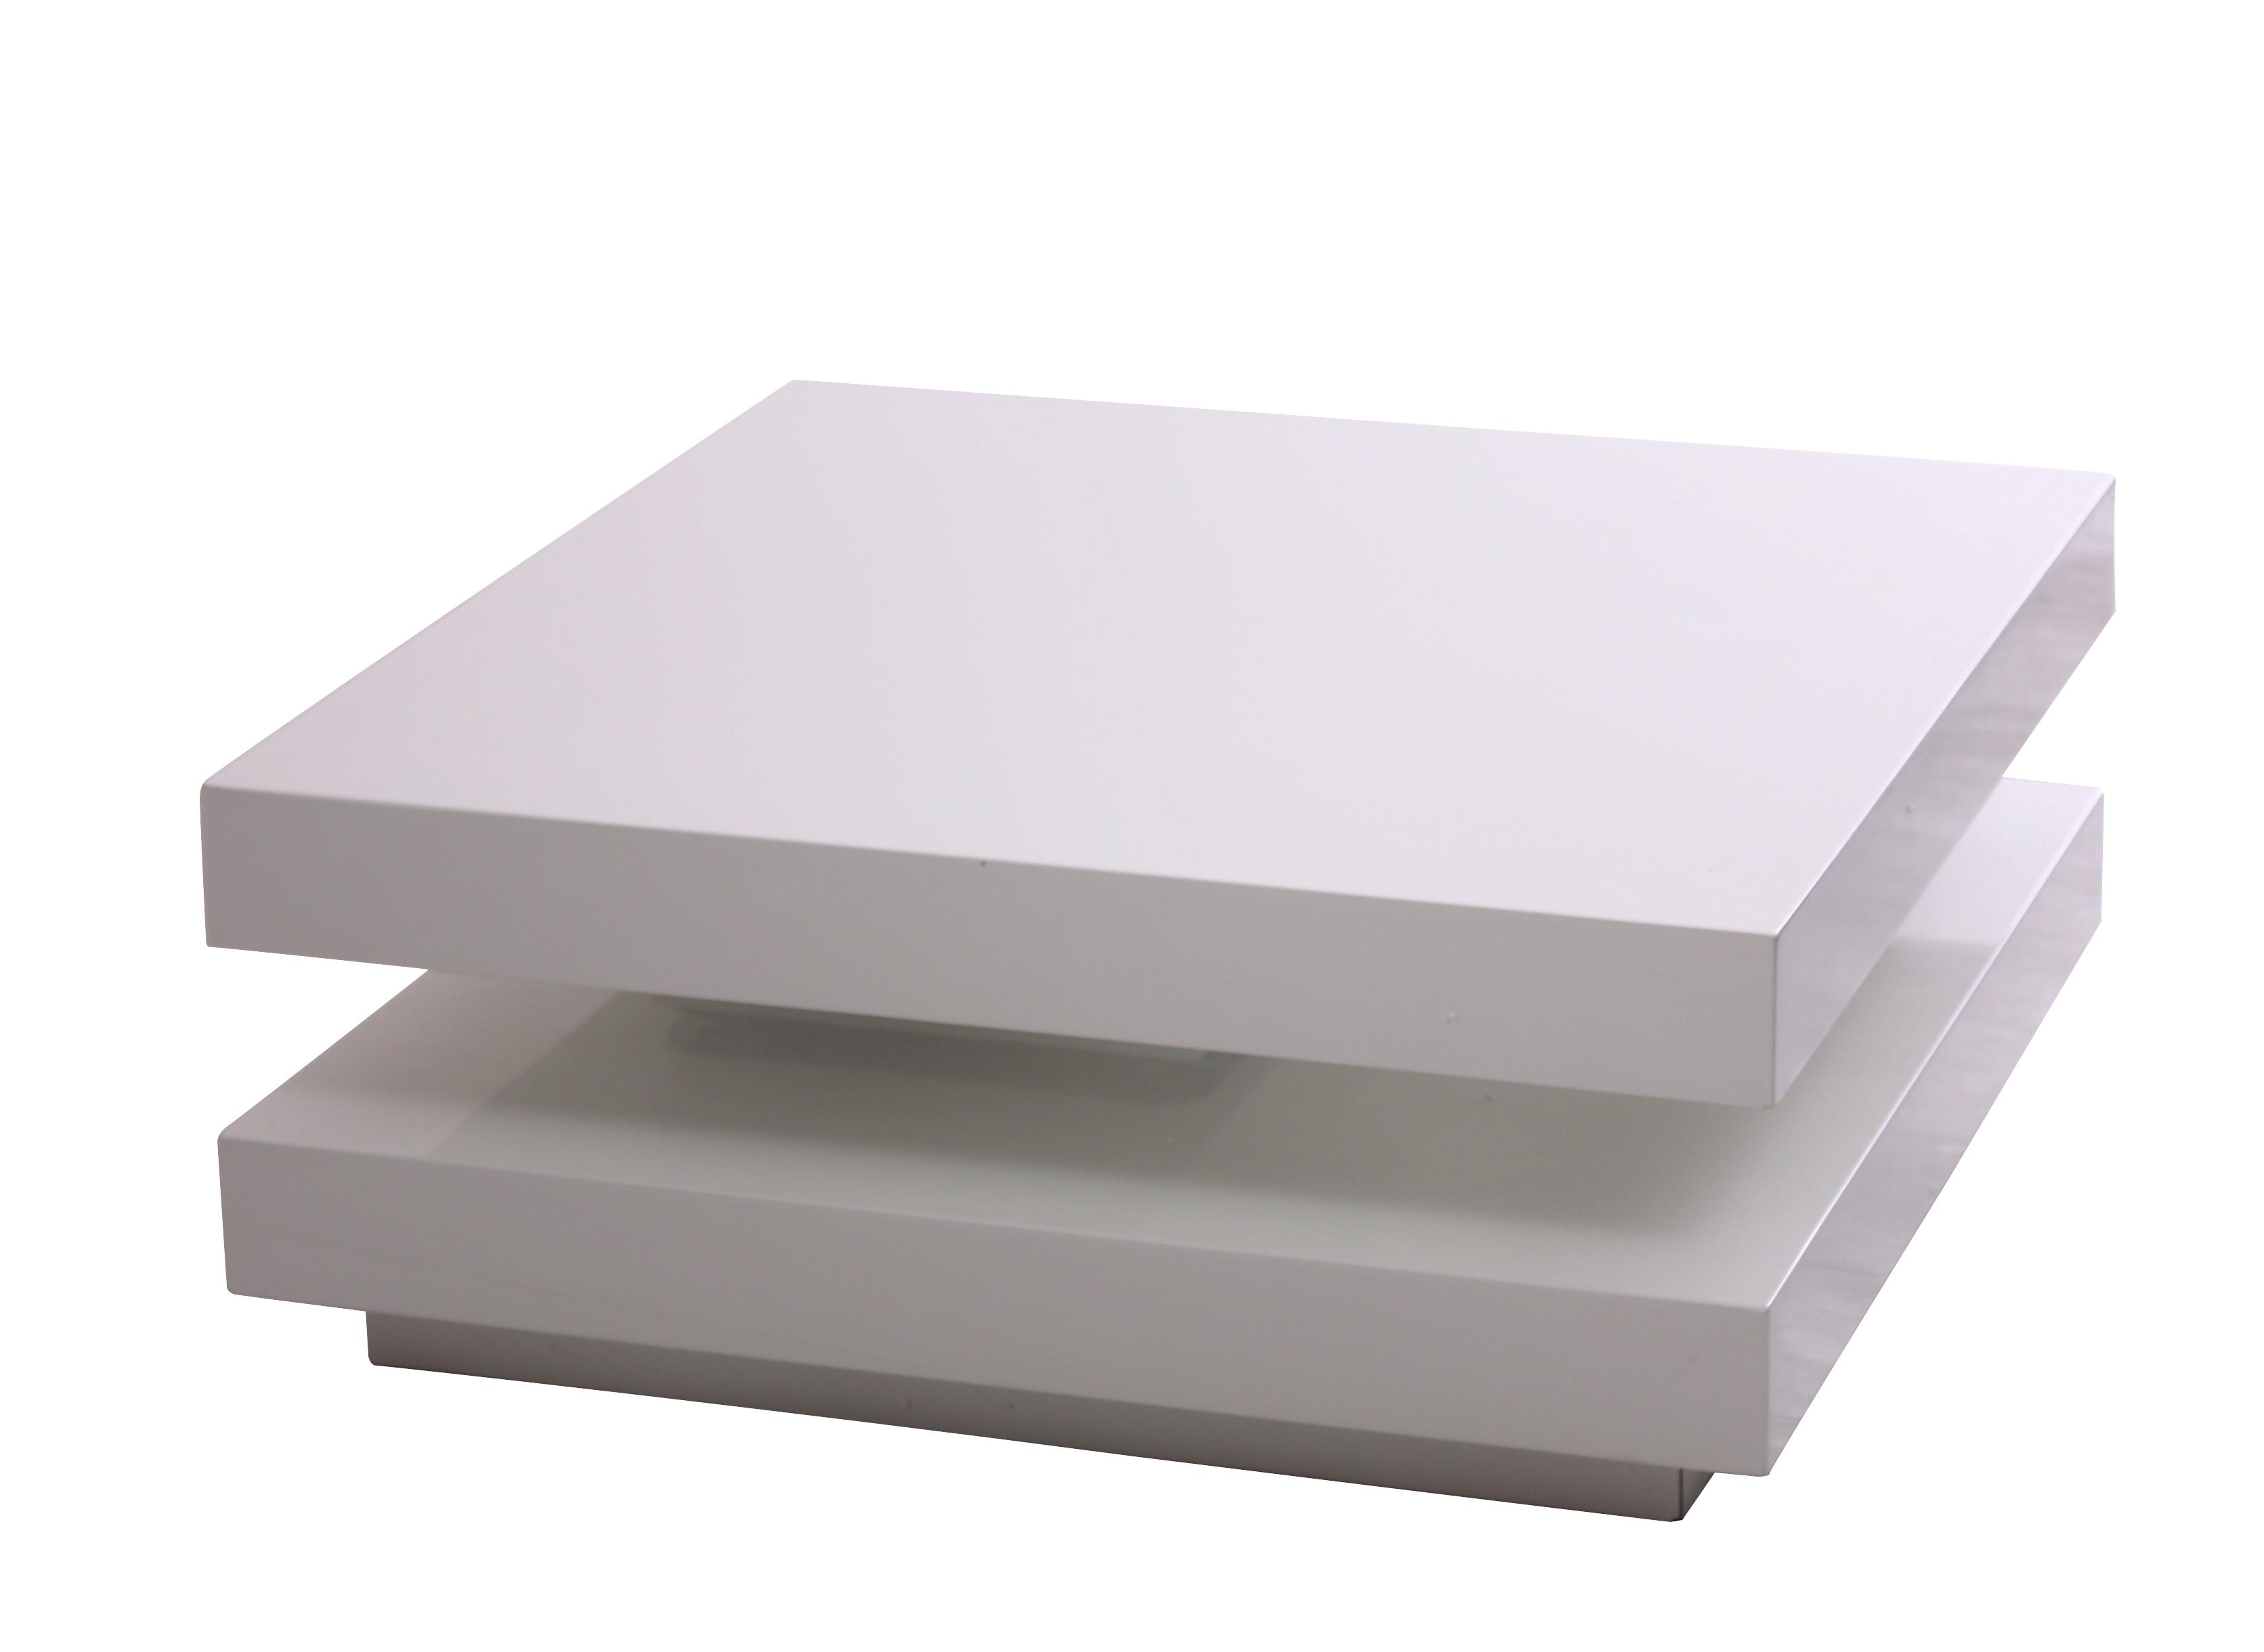 couchtisch modular wei hochglanz 75x75cm mit 2 ebenen wohnzimmer tisch ebay. Black Bedroom Furniture Sets. Home Design Ideas